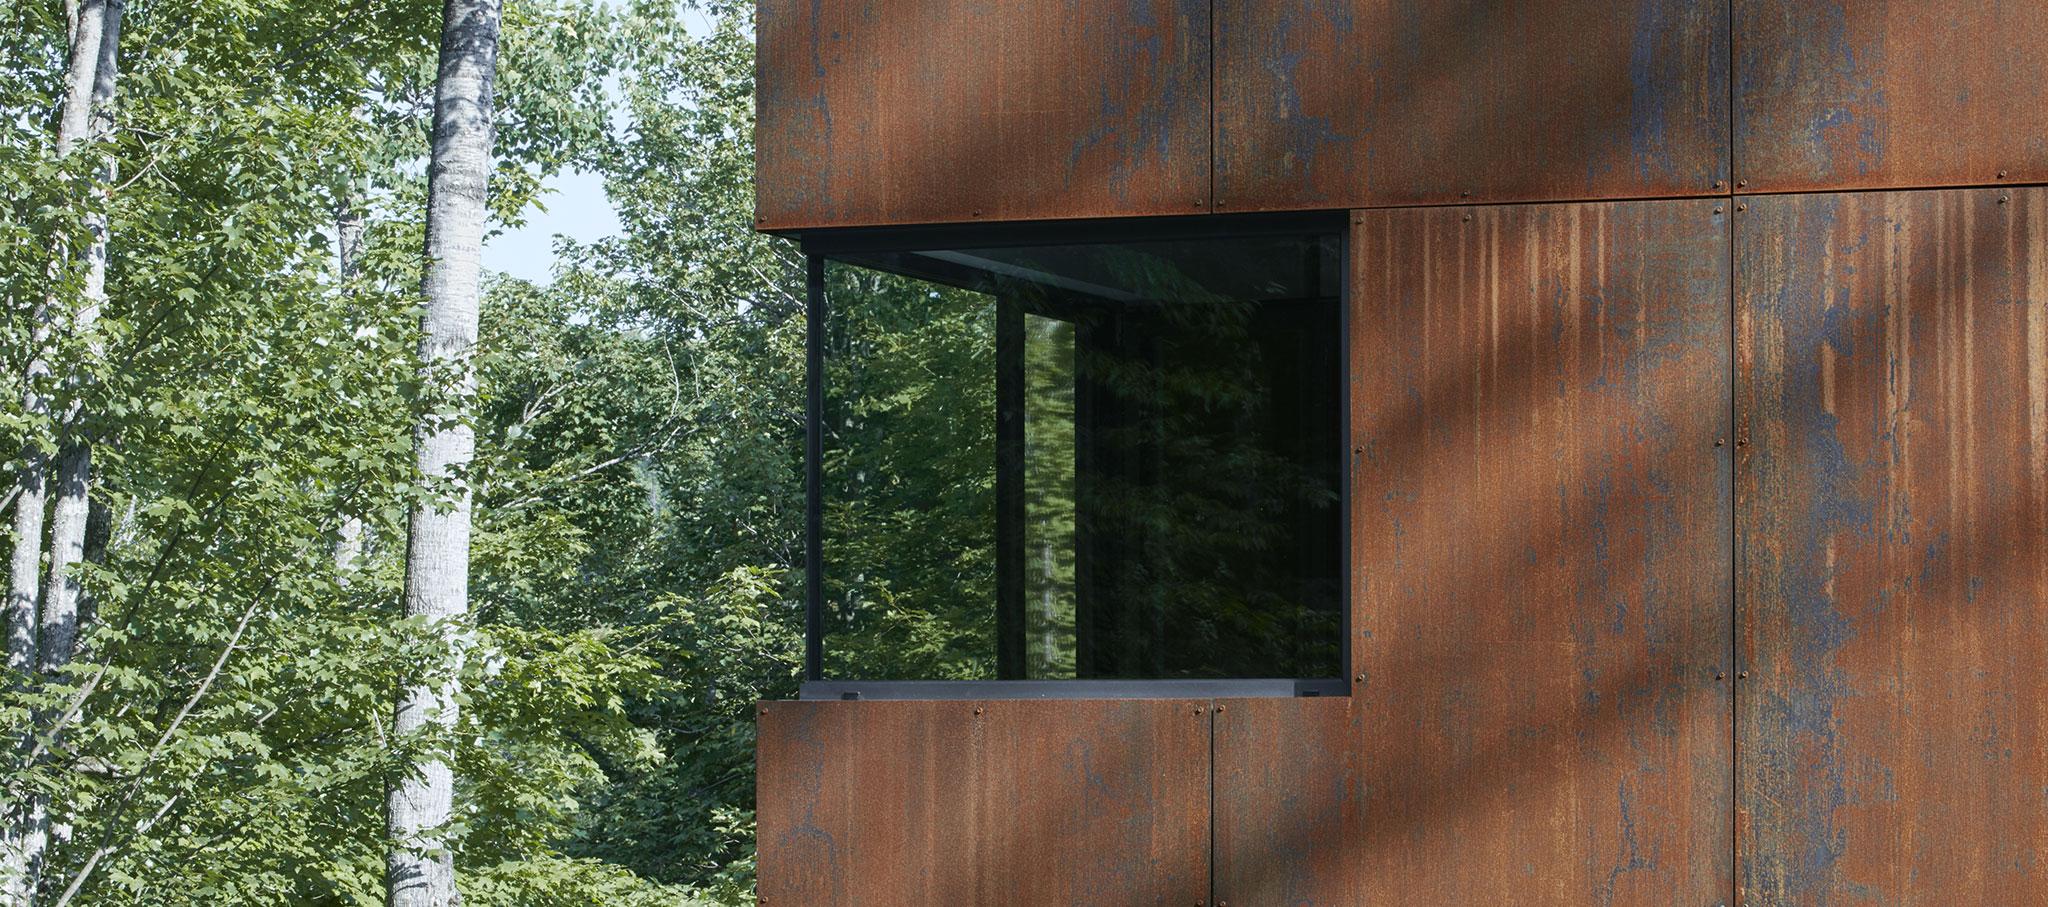 Detalle de ventana. Casa en el Lago Charlebois por Paul Bernier. Fotografía por James Brittain